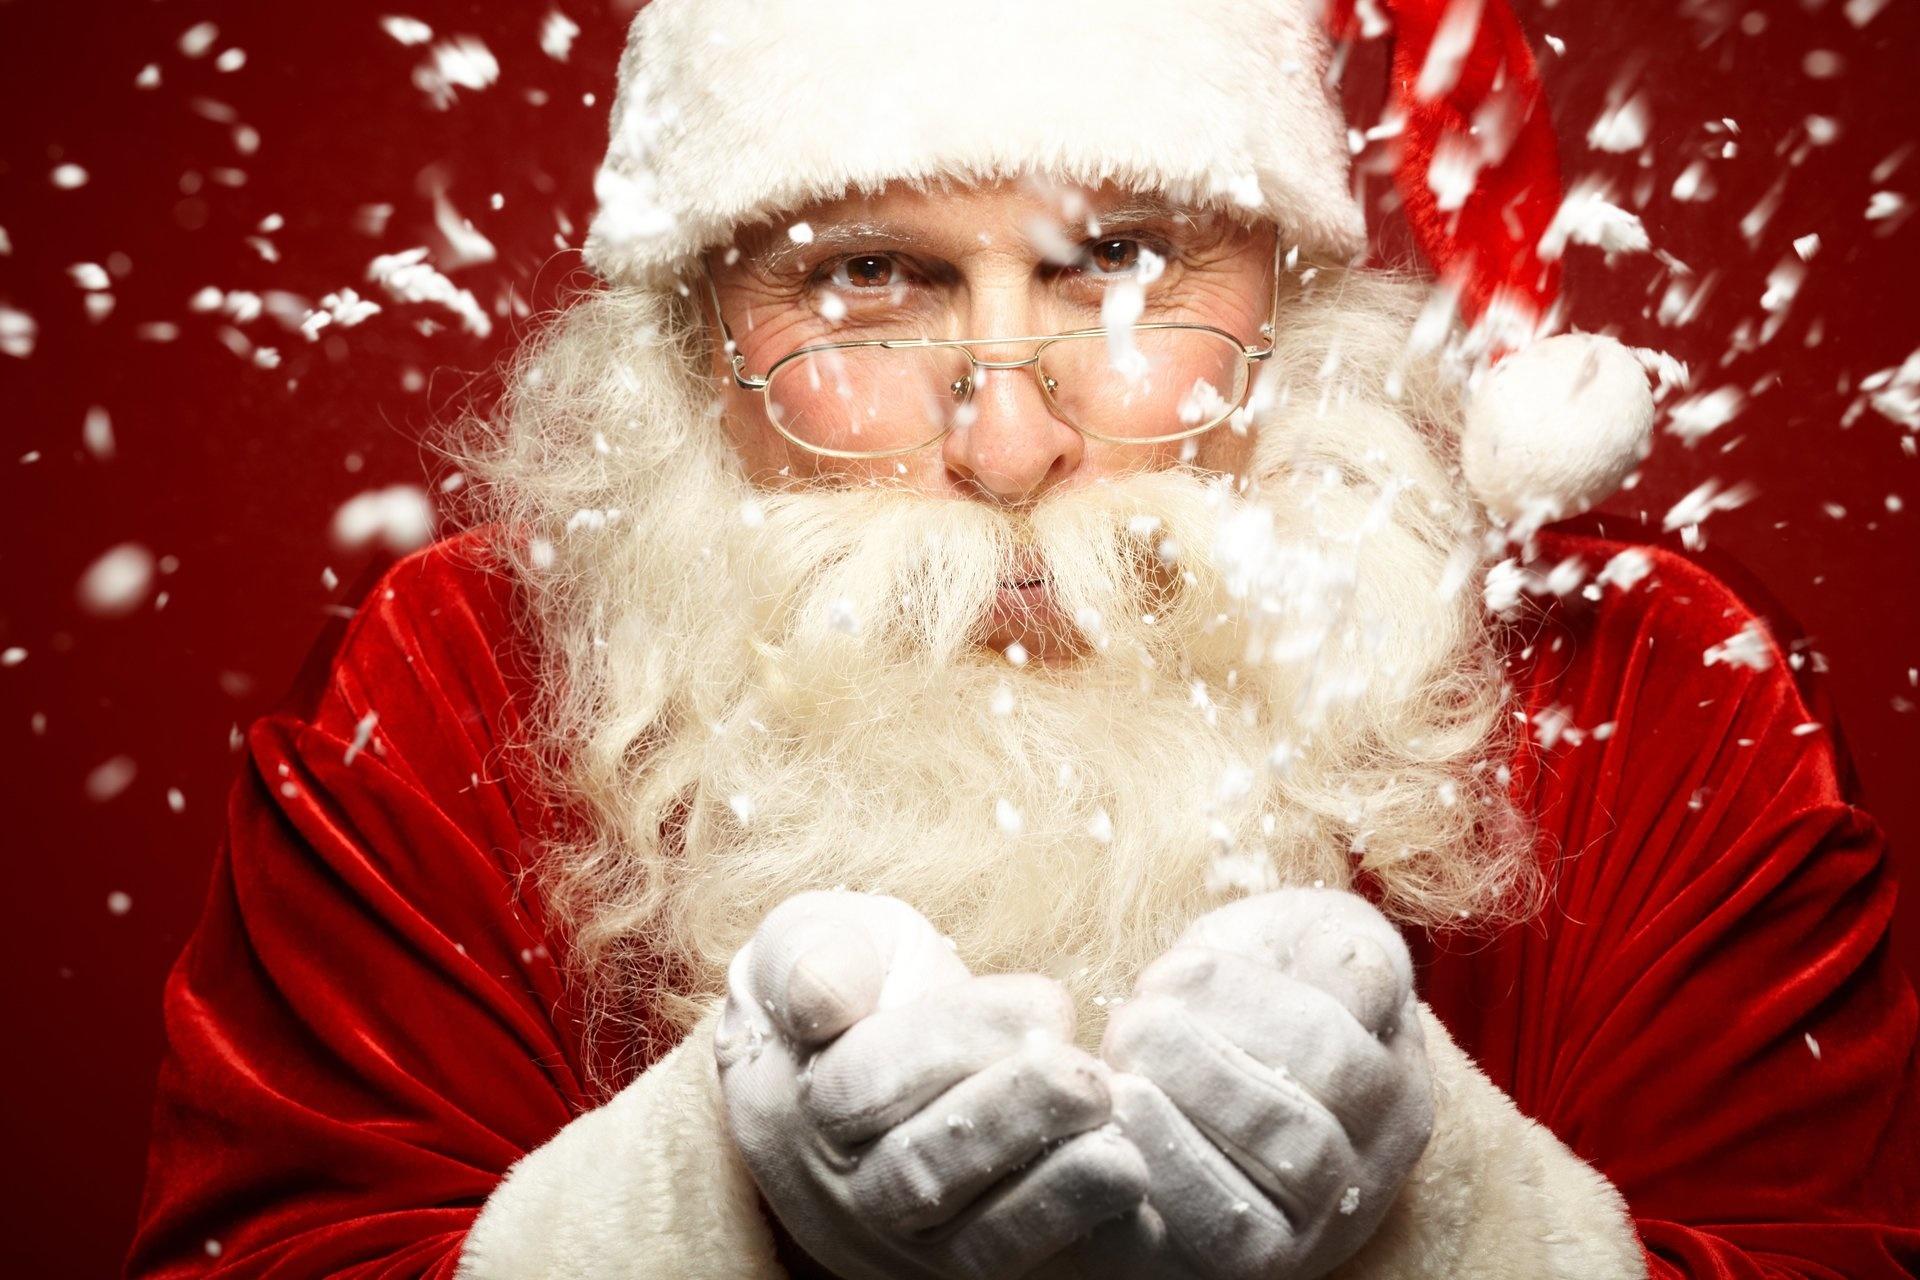 All Christmas